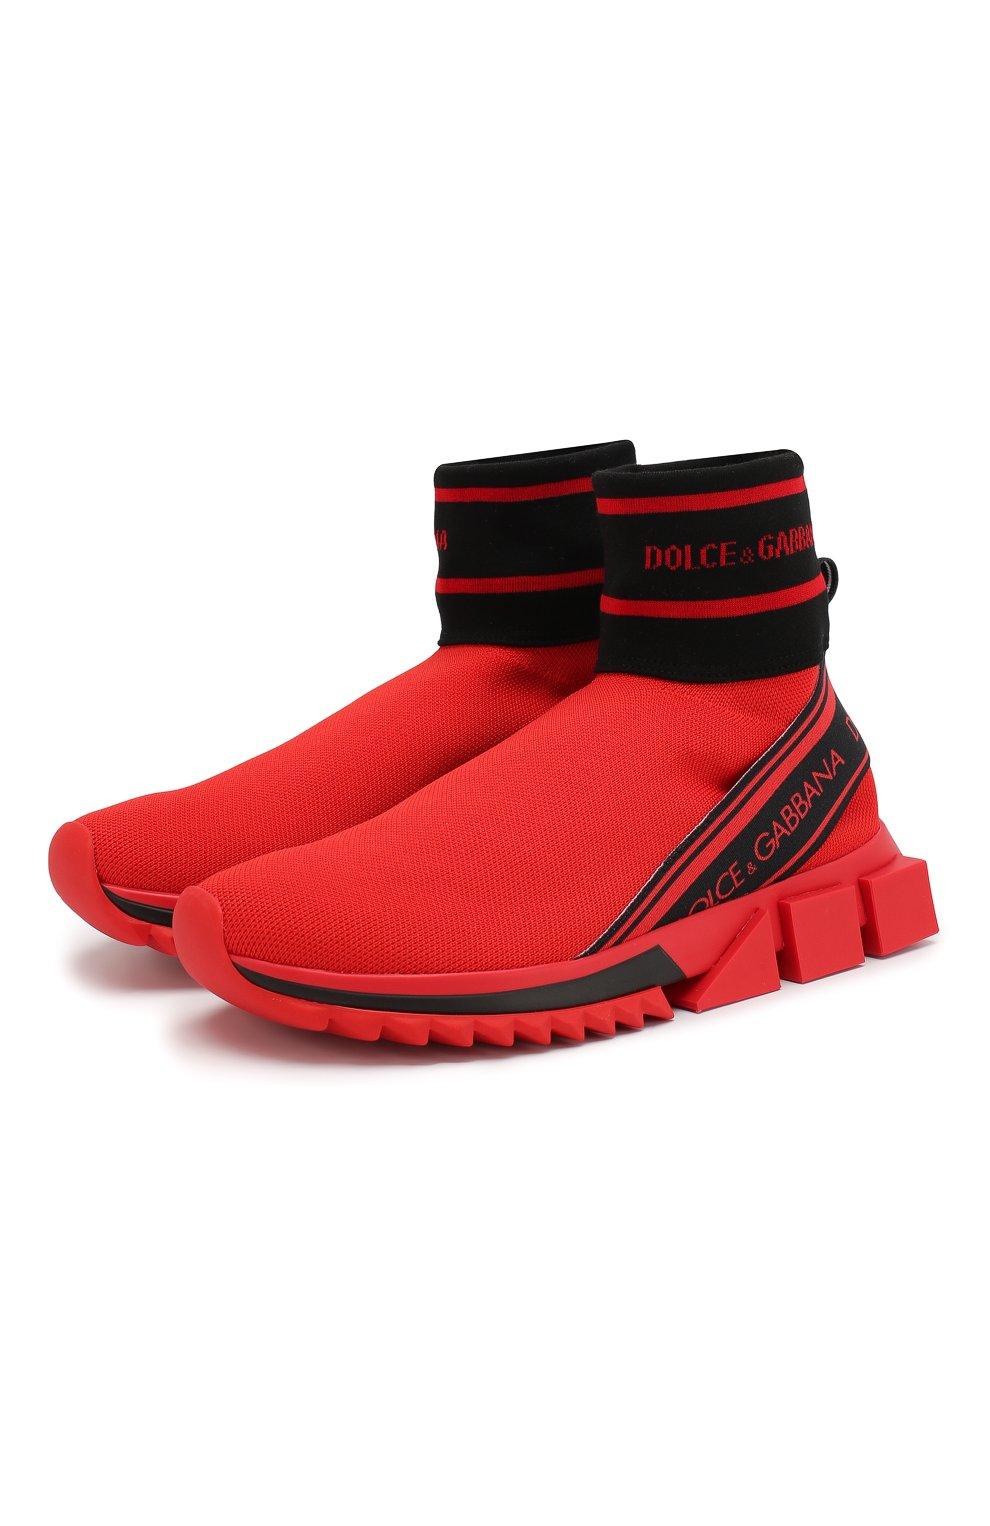 Текстильные кроссовки Sorrento Dolce & Gabbana красные | Фото №1